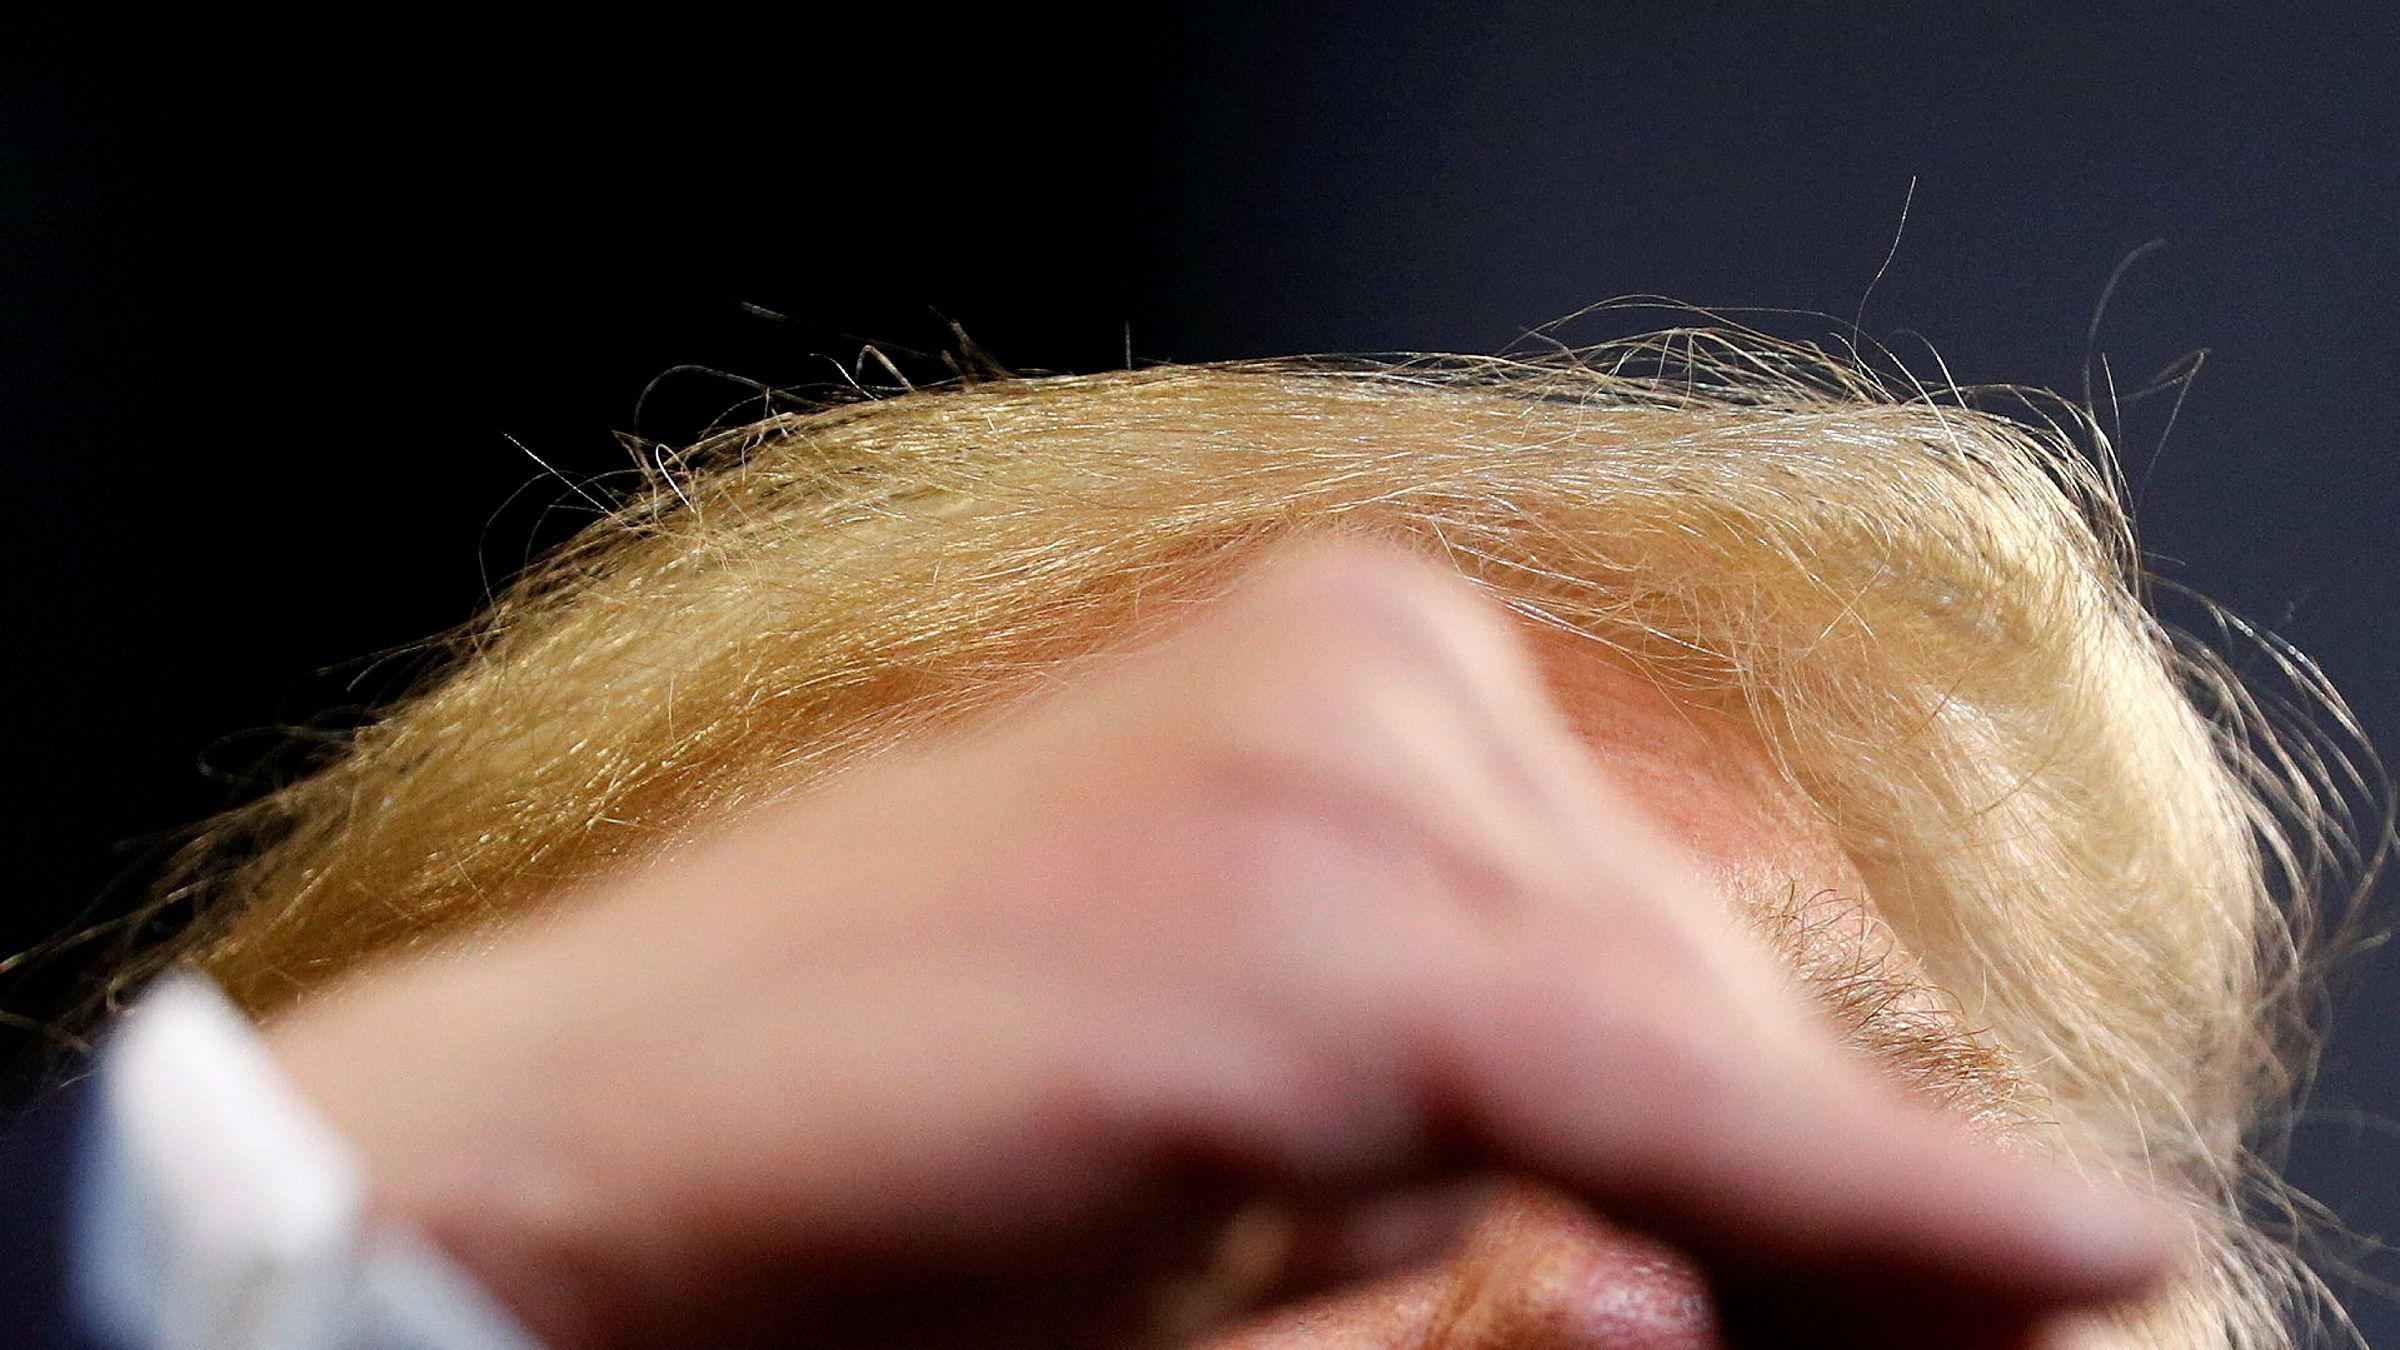 Det ser lysere ut for verdensøkonomien. USAs president Donald Trump er kanskje den største usikkerhetsfaktoren.